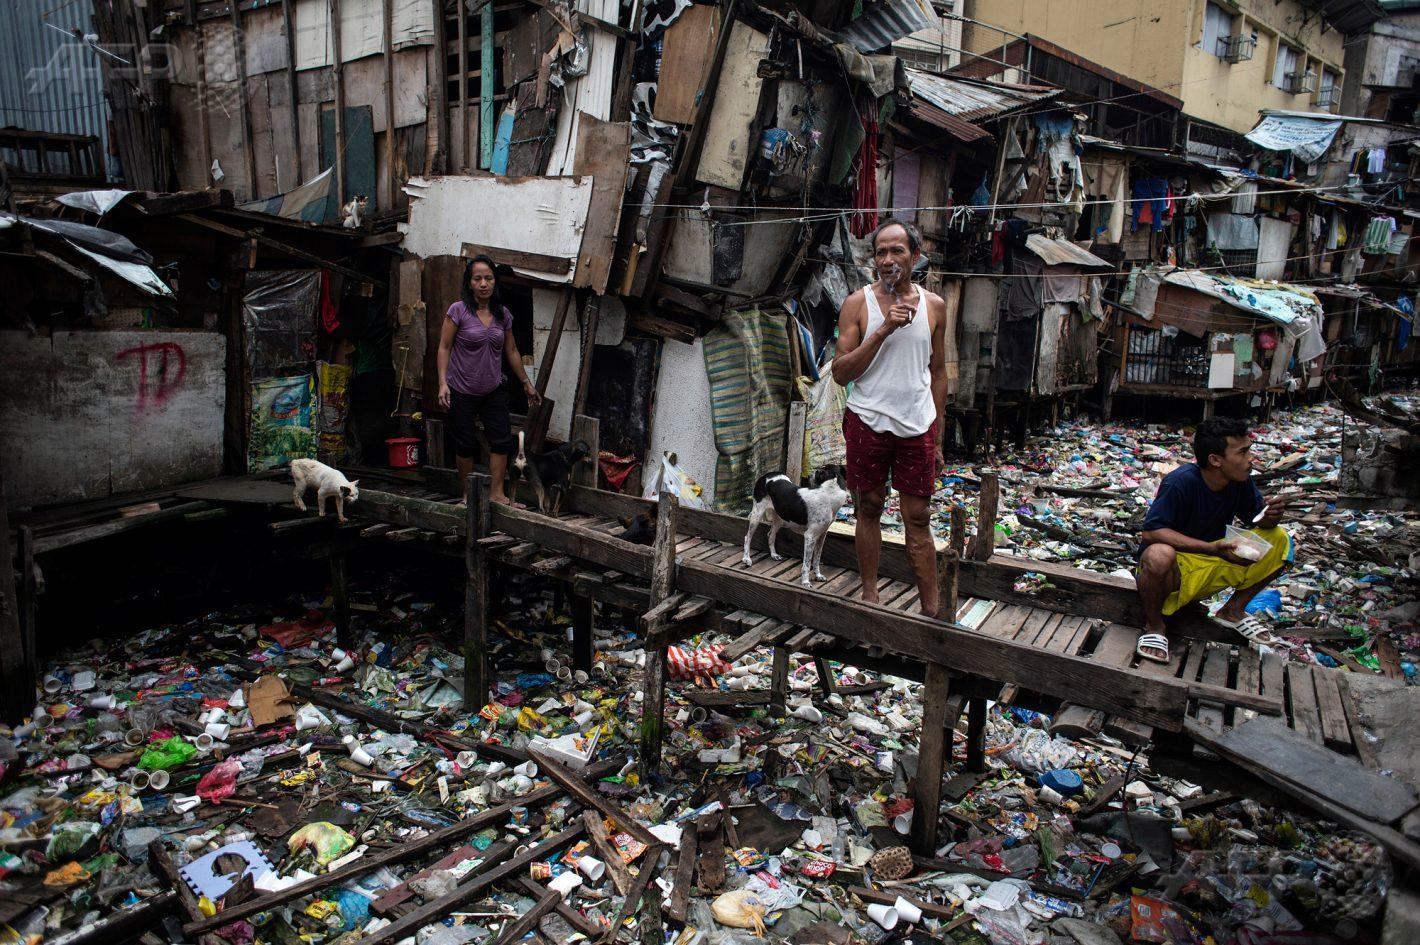 17 janvier 2018 – Manille - Des habitants se tiennent sur une passerelle surplombant un canal jonché de déchets. AFP PHOTO / NOEL CELIS